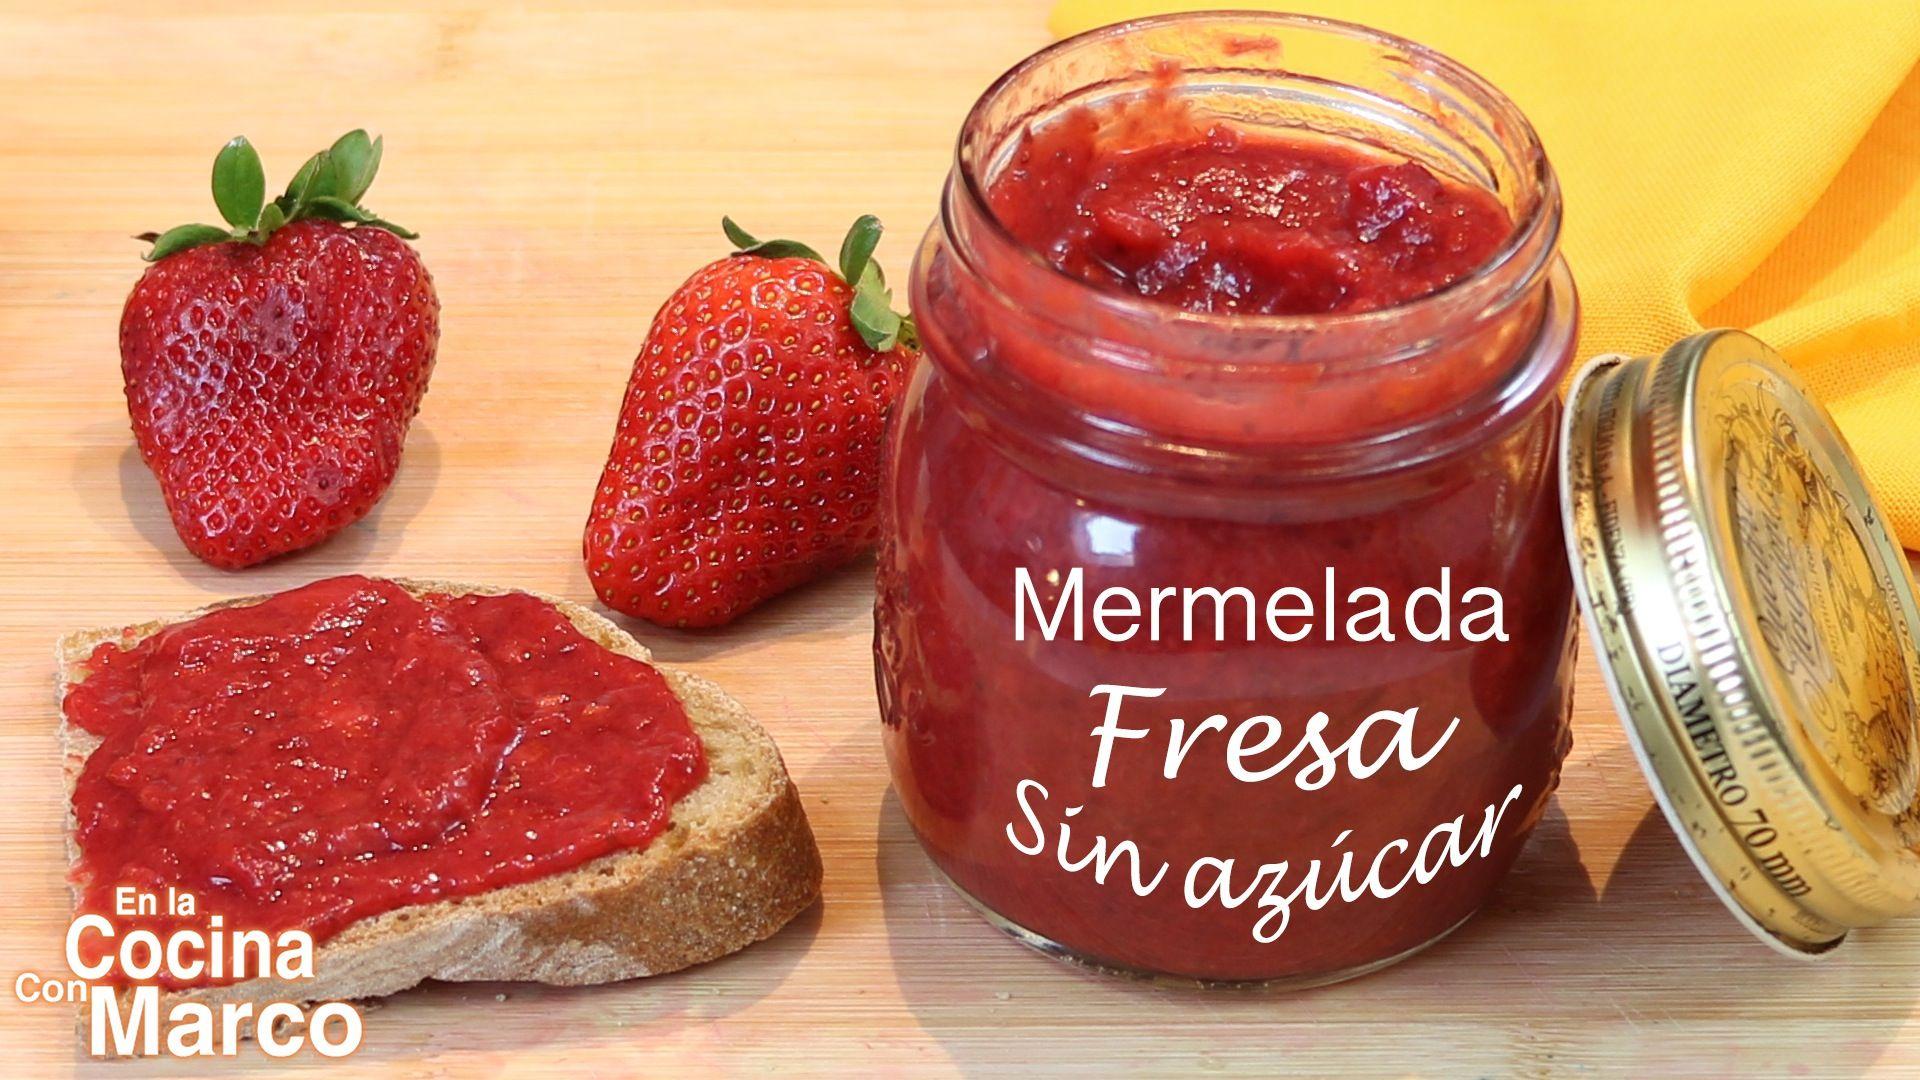 Mermelada de fresa sin azúcar - Receta casera - CocinaconMarco